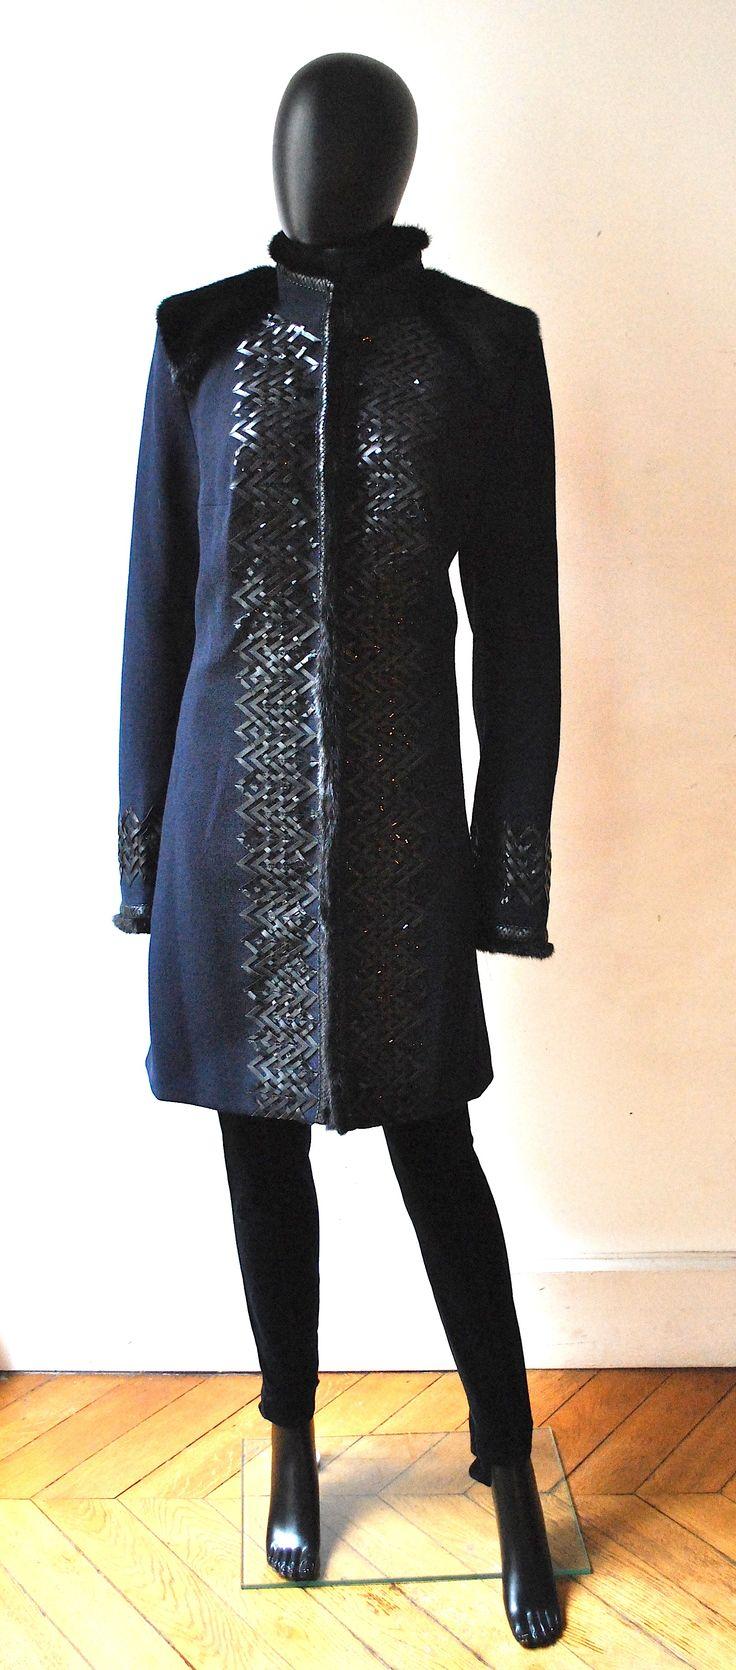 Andrew+GN+manteau+bleu+nuit+en+laine,+orné+de+cuir+et+de+vison+superbe